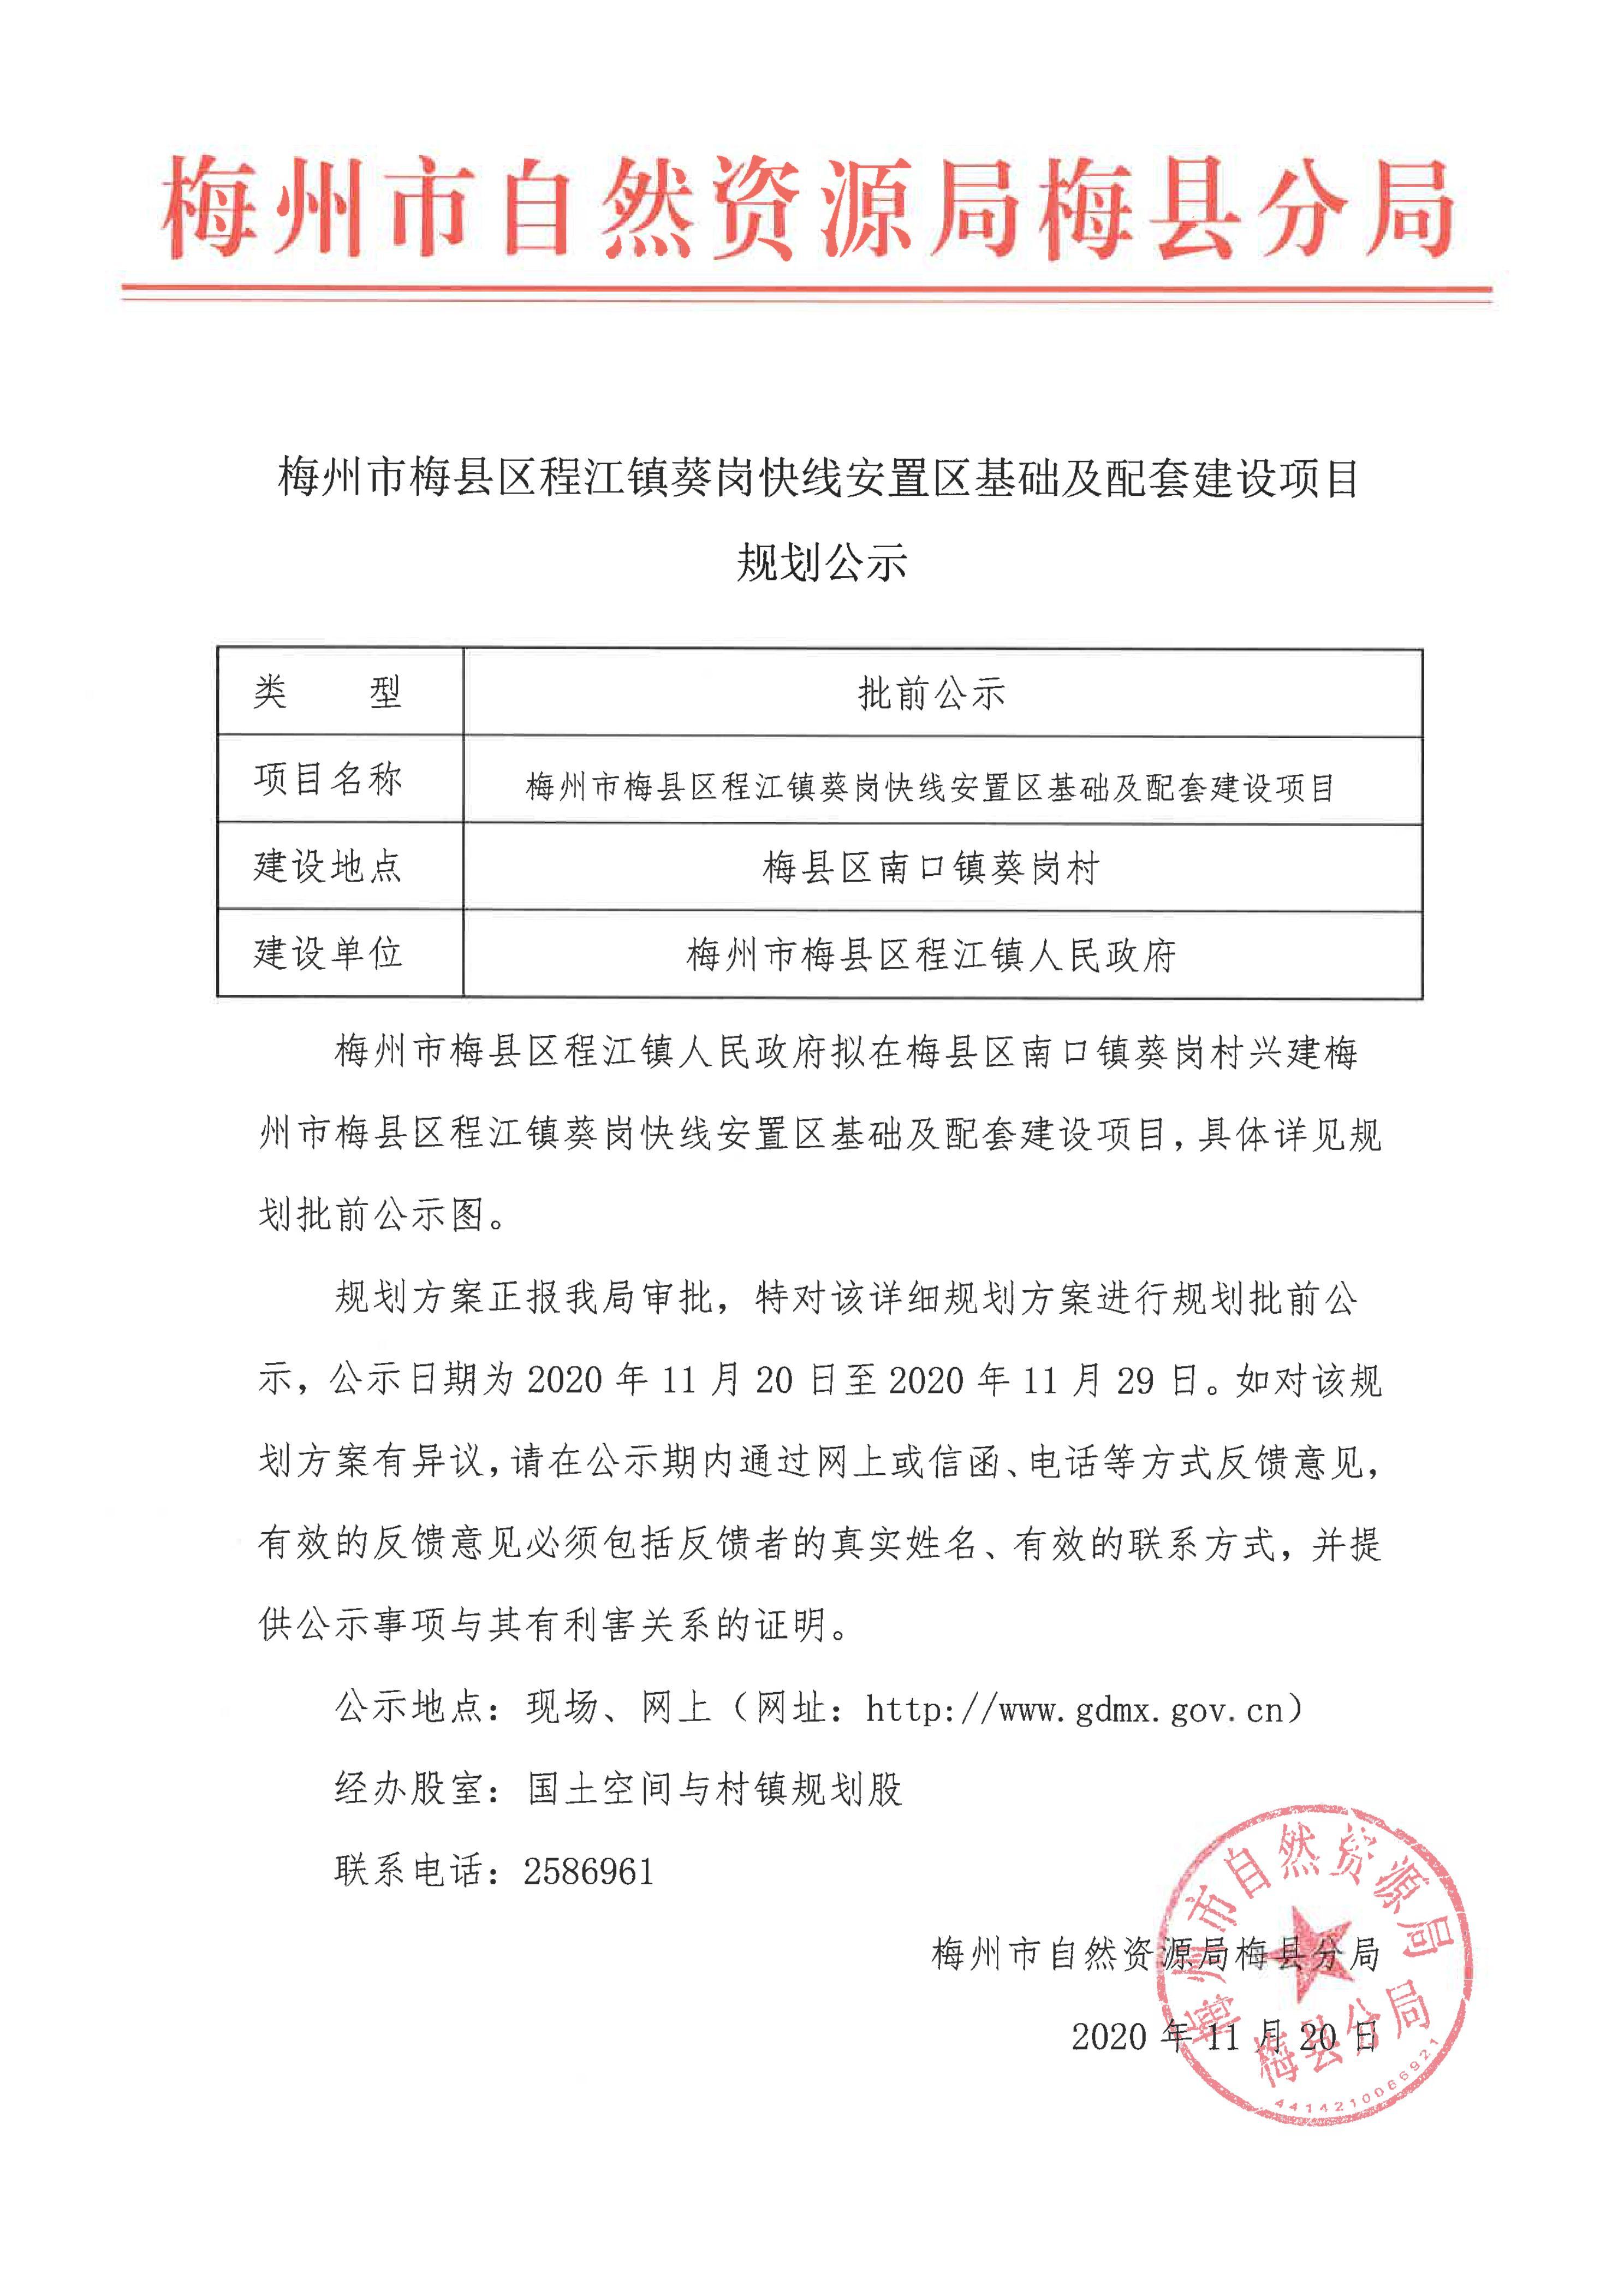 程江葵岗安置区公示材料_1.jpg